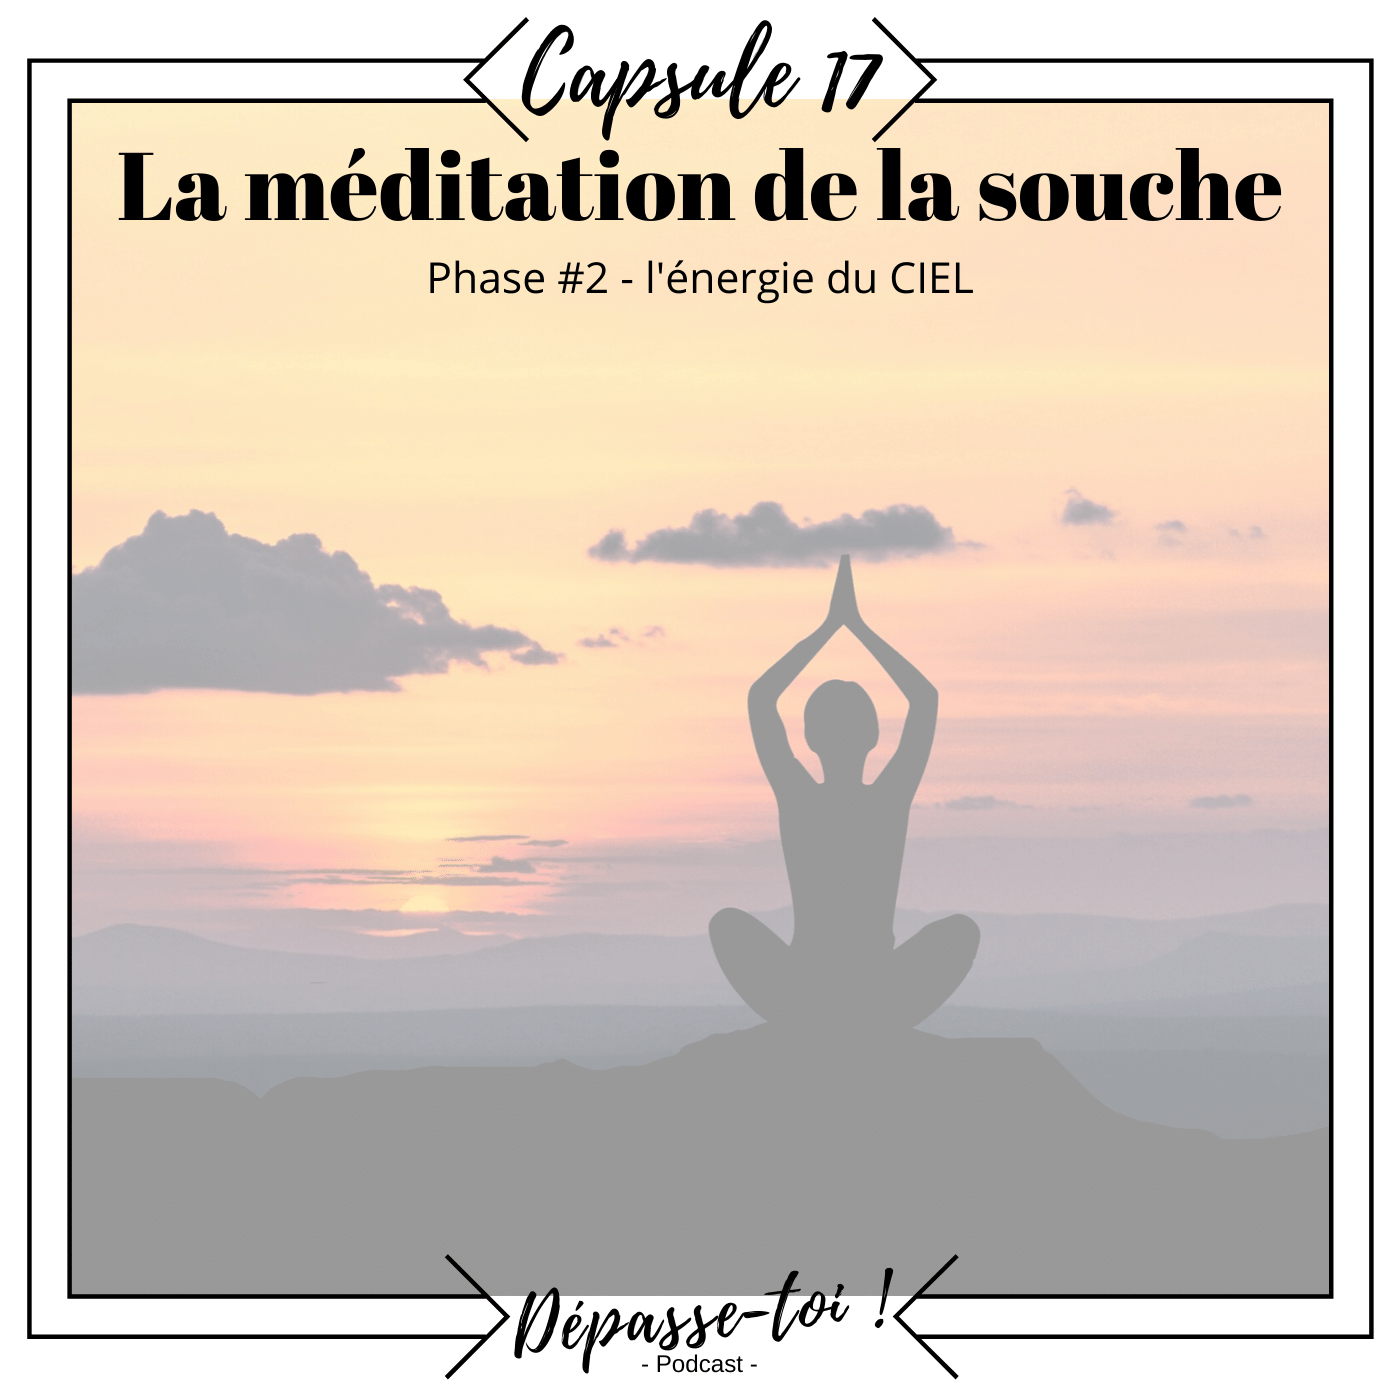 Capsule #17 -  Méditation de la souche (Guidée) - l'énergie du Ciel 2/3